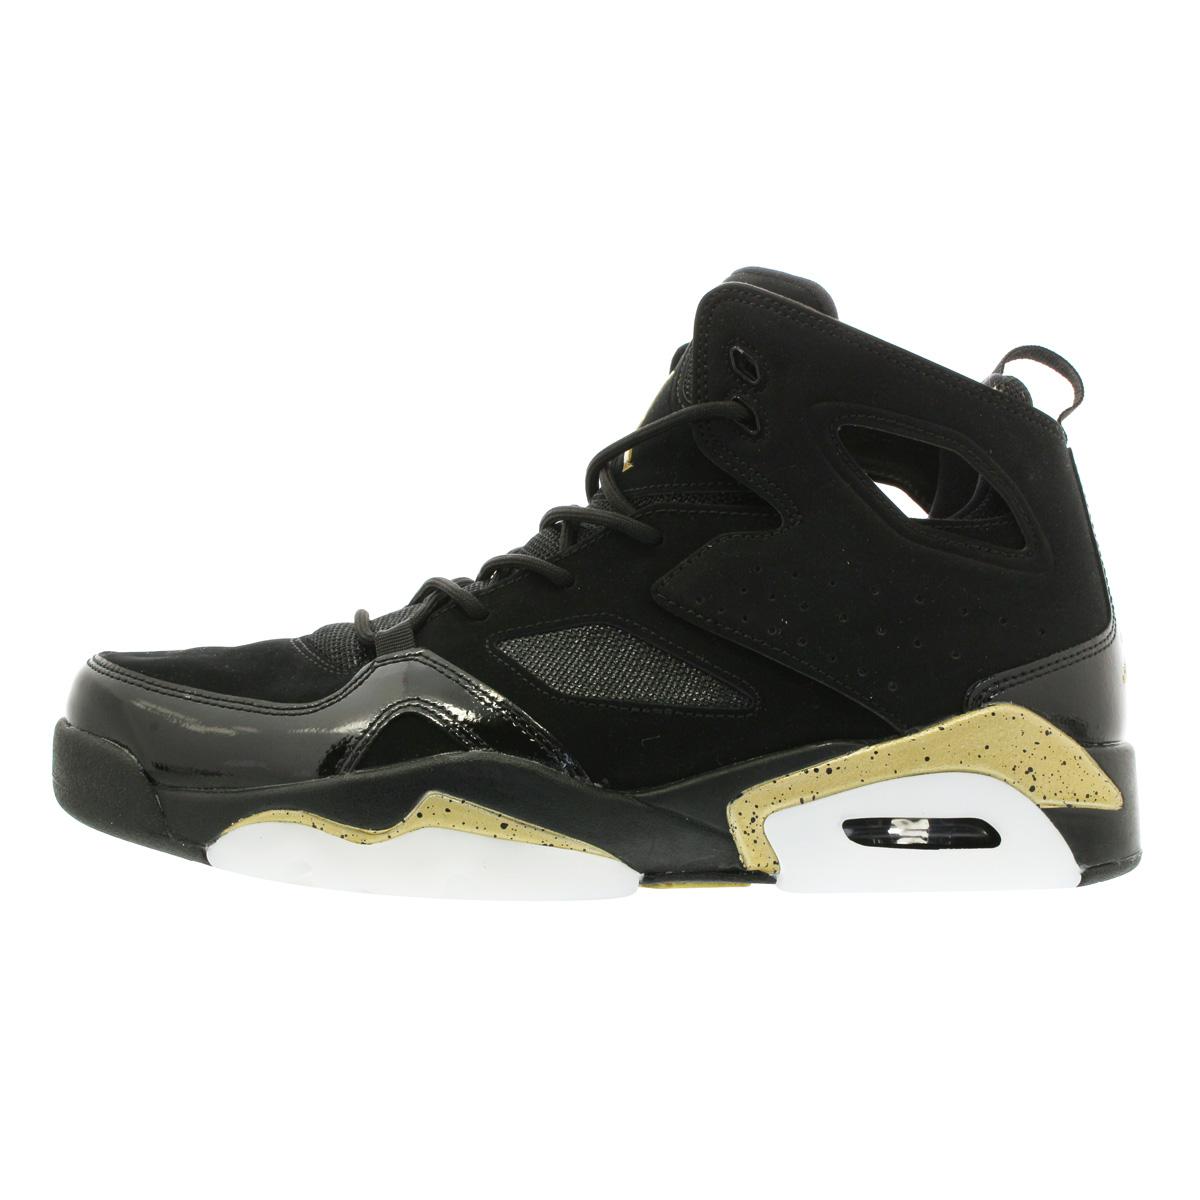 25aa507de0da ... factory outlet b2a6a 613c5 NIKE JORDAN FLIGHT CLUB 91 Nike Jordan  flight club ...